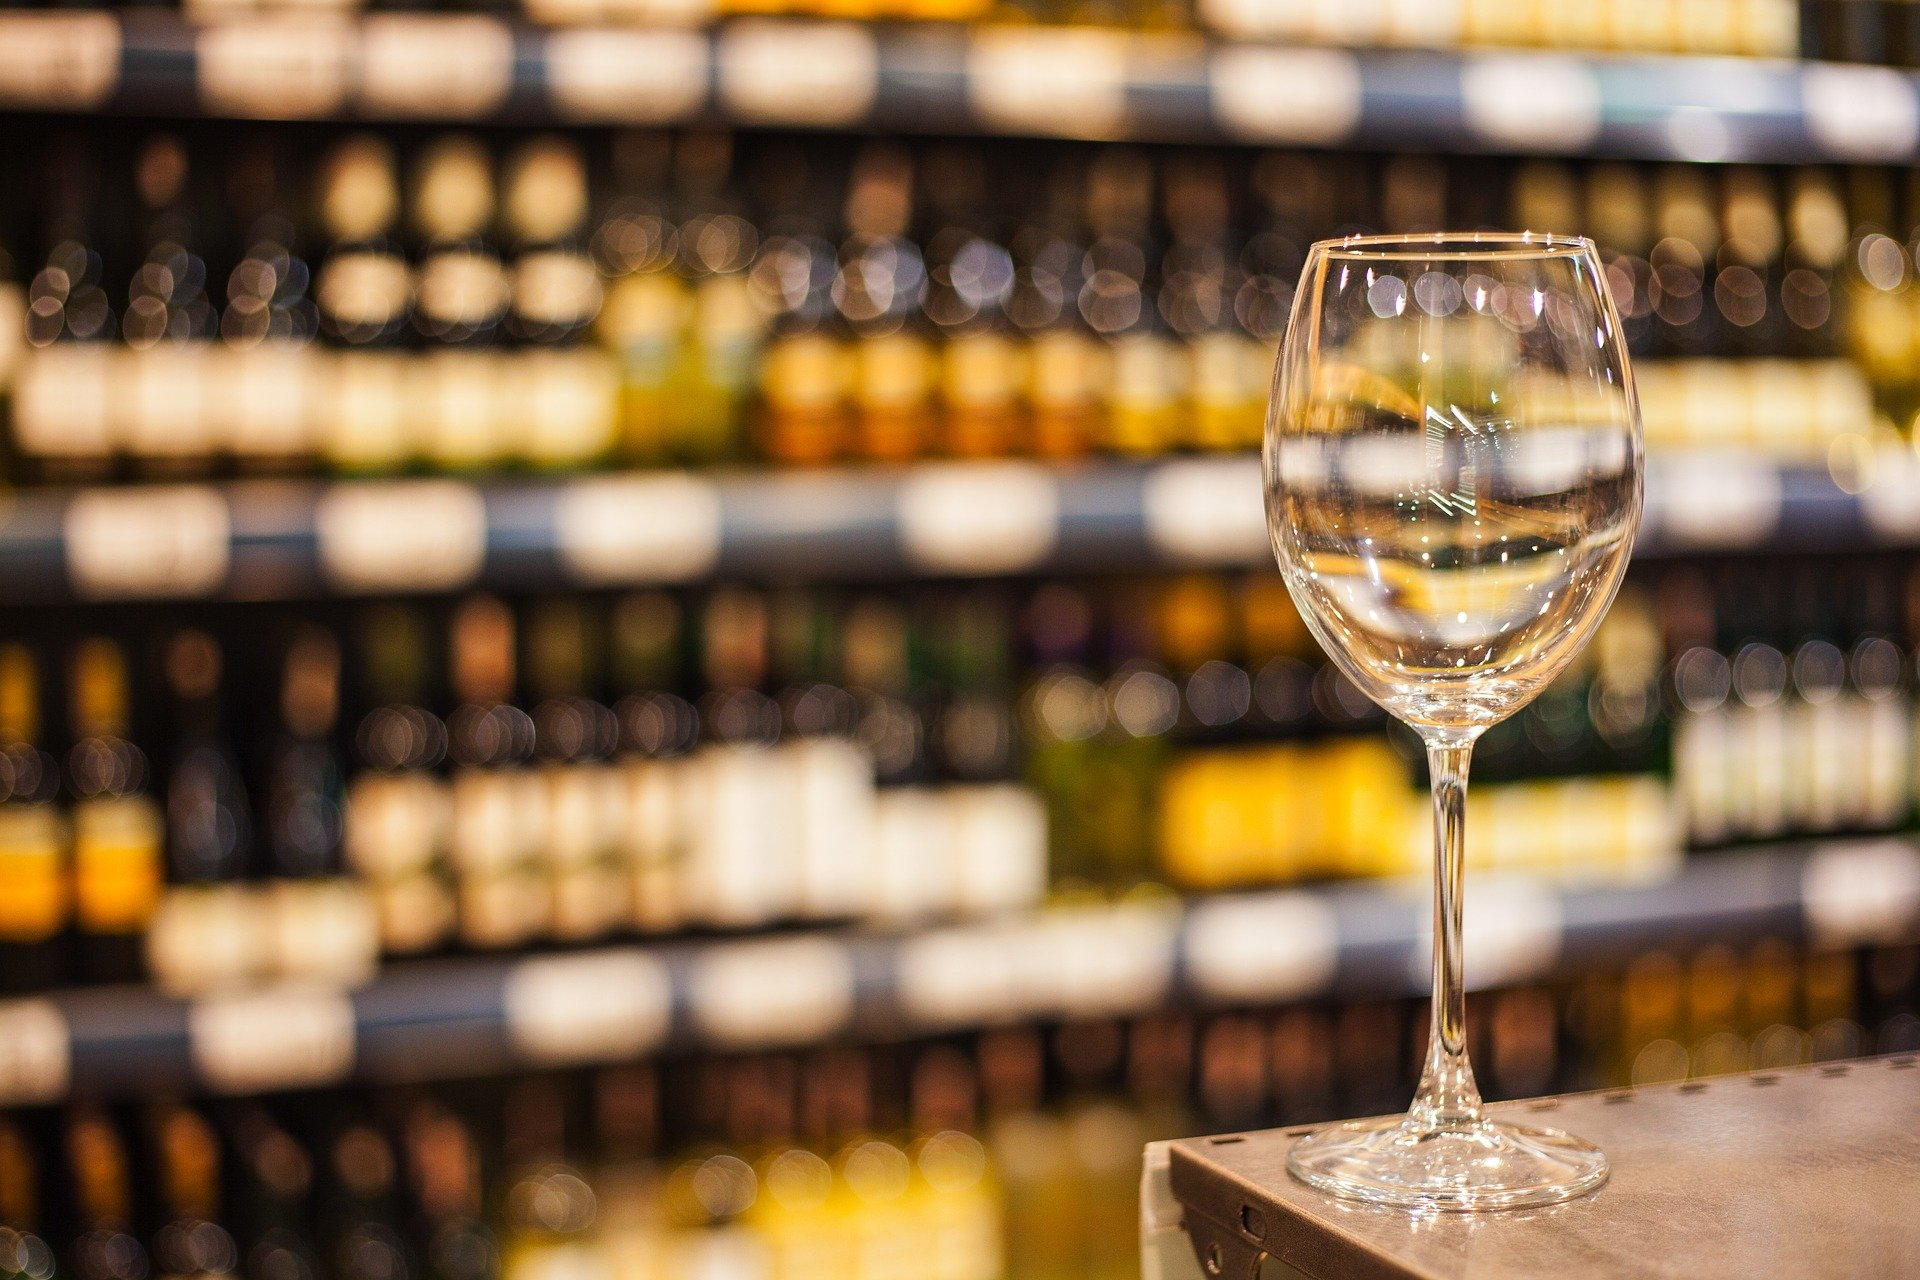 Le vin dans les foires aux vins, choix difficile